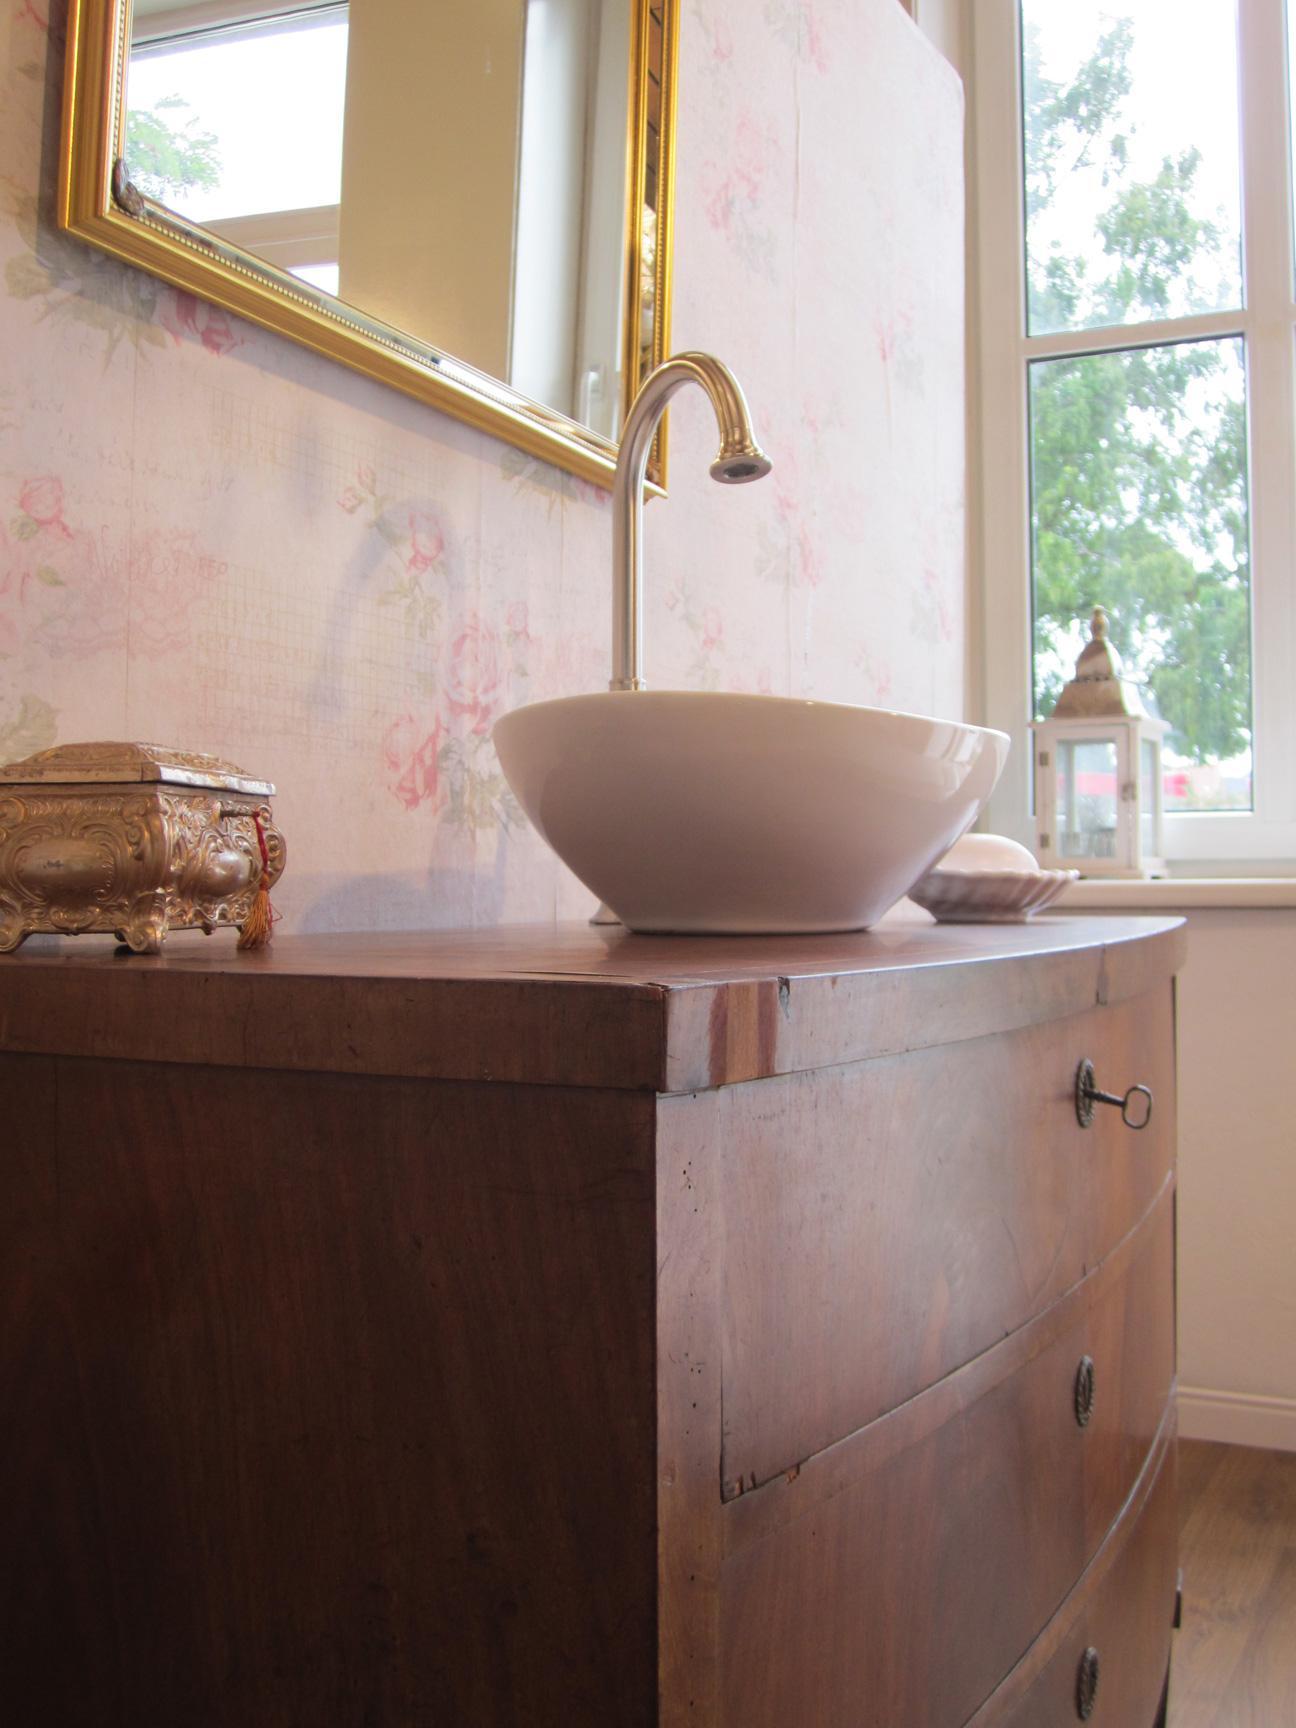 Englische Waschbecken waschtisch antik in neuem look für das besondere bad mit wohlfühlfaktor